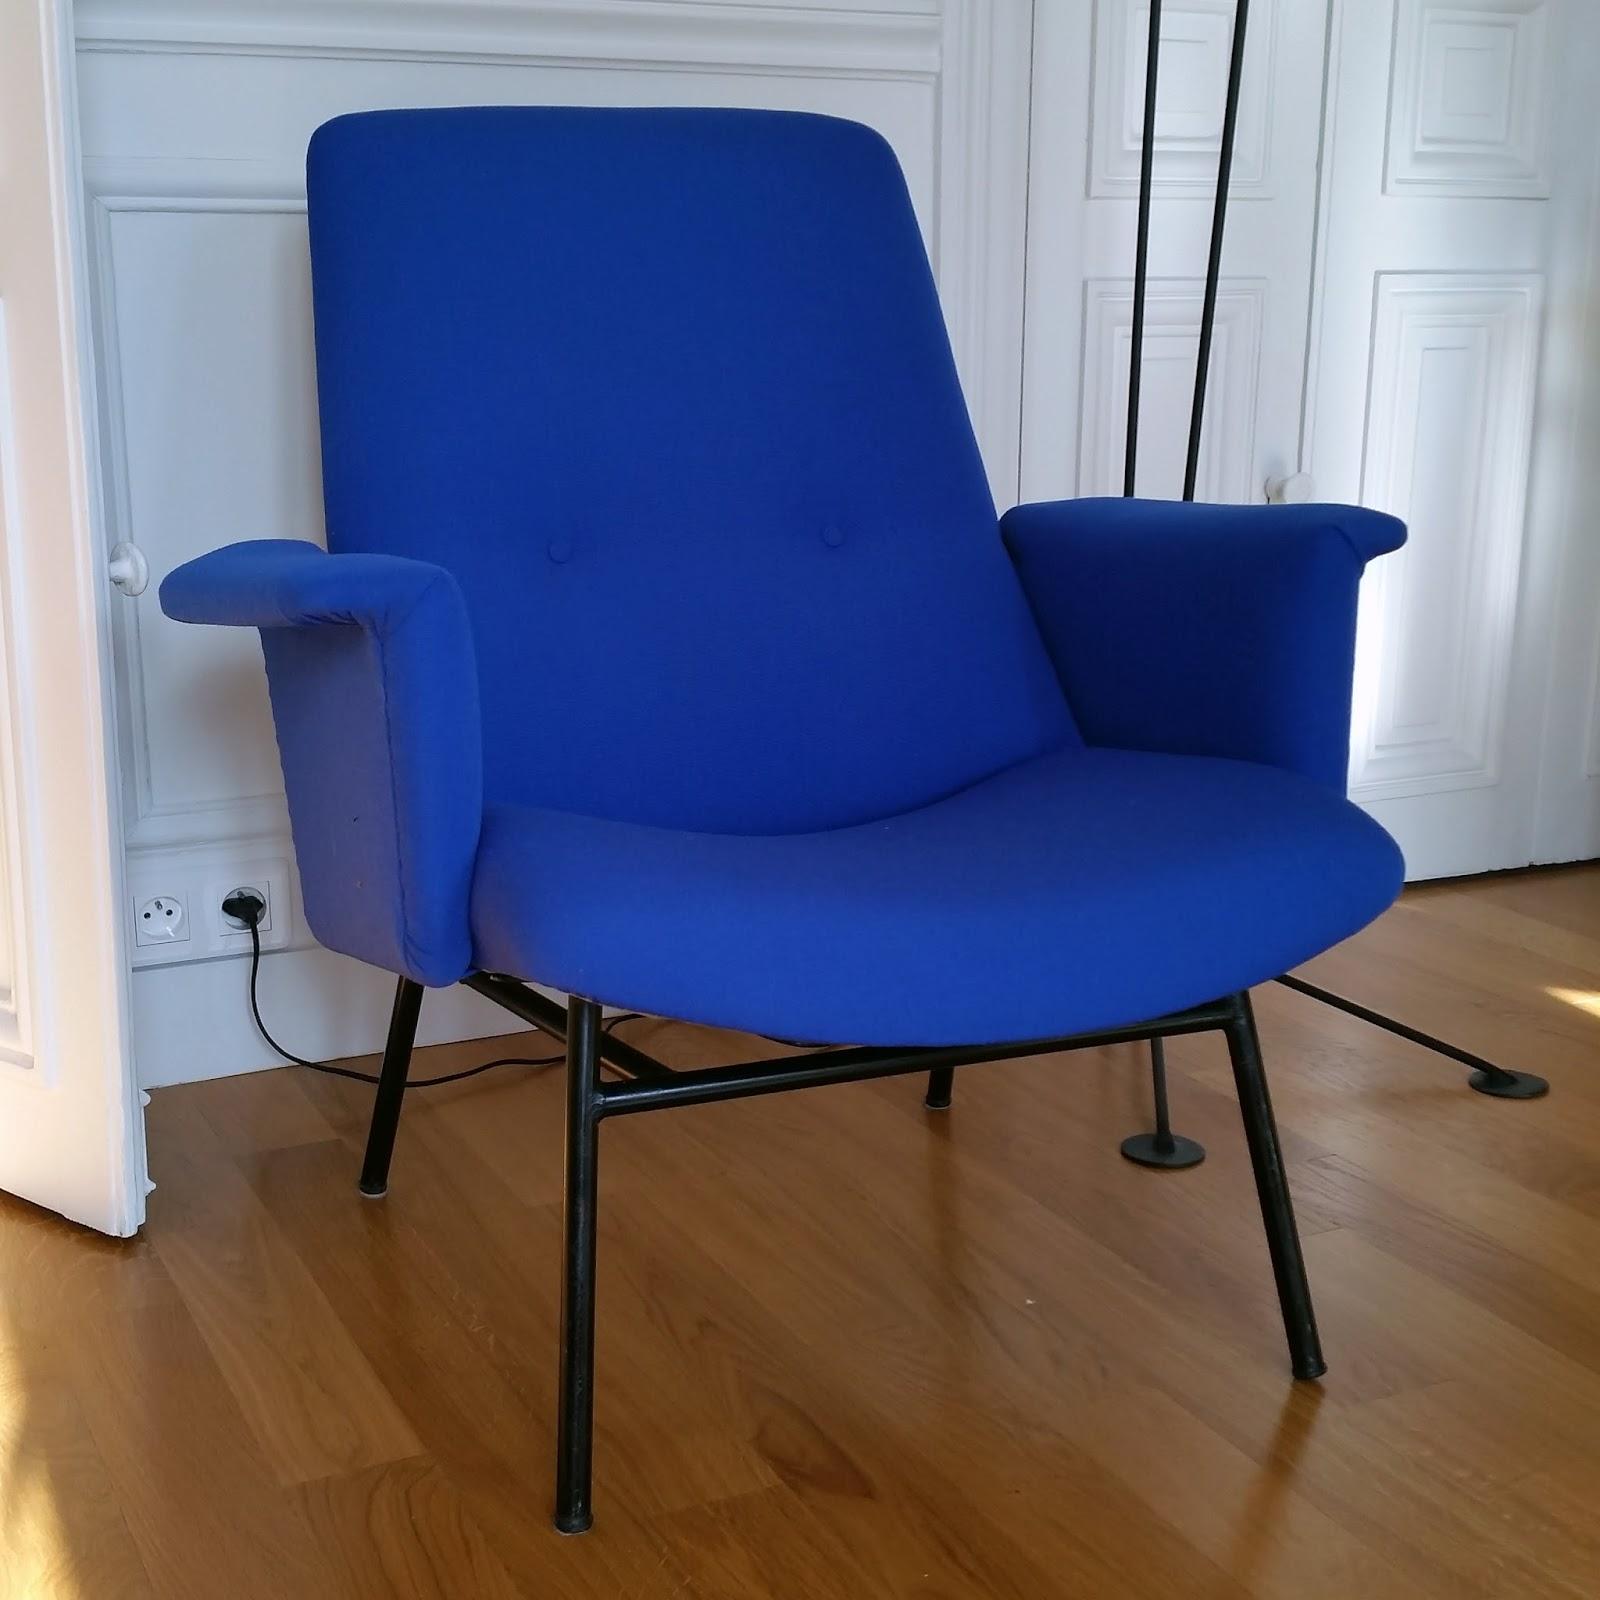 avant apr s fauteuil sk660 pierre guariche atelier velvet artisan tapissier paris 10e. Black Bedroom Furniture Sets. Home Design Ideas